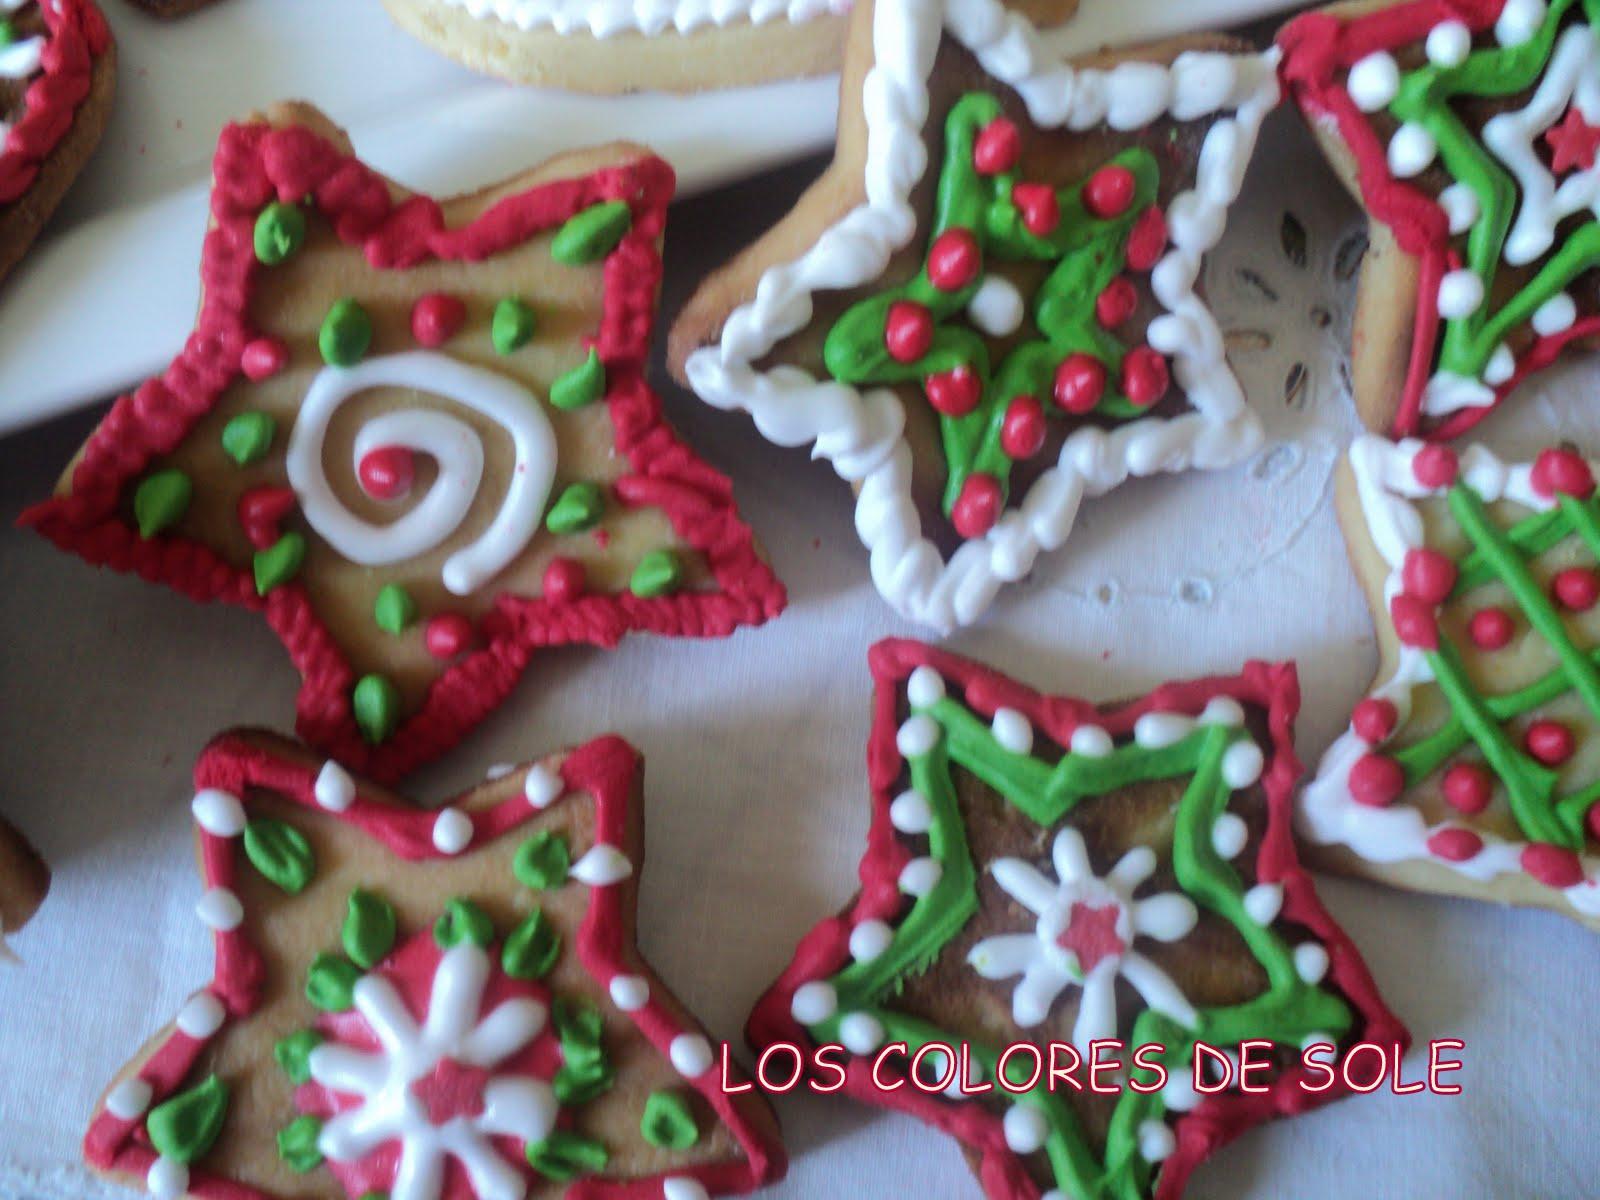 Decoracion De Navidad Utilisima ~ En realidad, no van a llegar a Navidad, las prepar? para probar c?mo